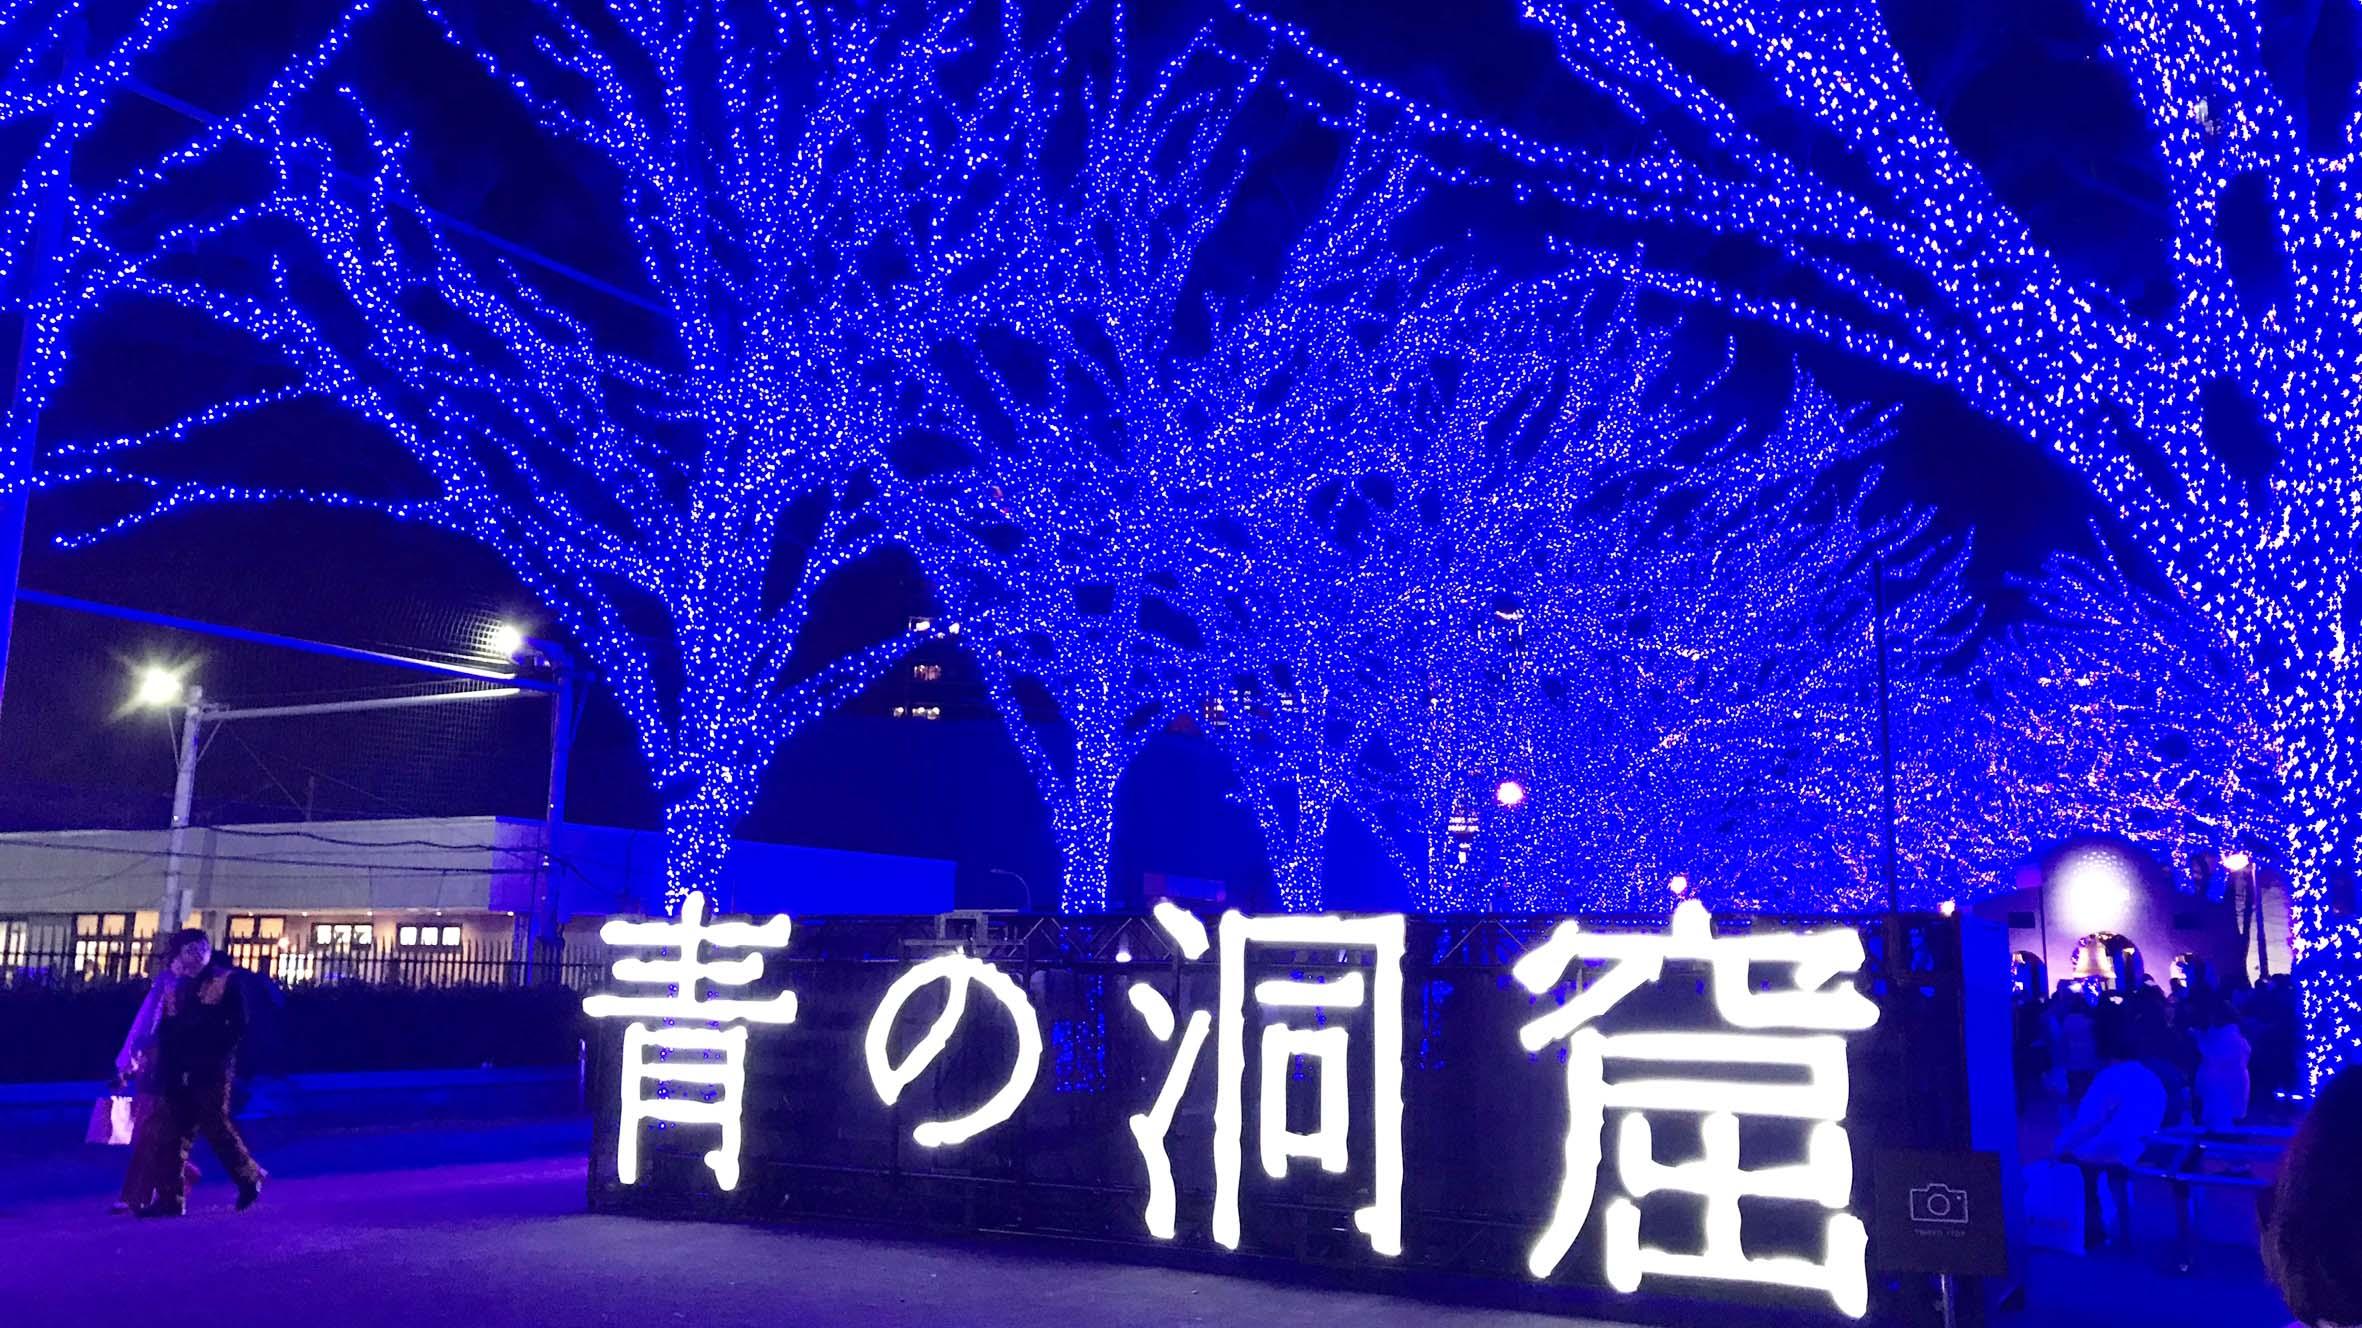 東京 浅草散策 & 青の洞窟 SHIBUYAツアー催行!